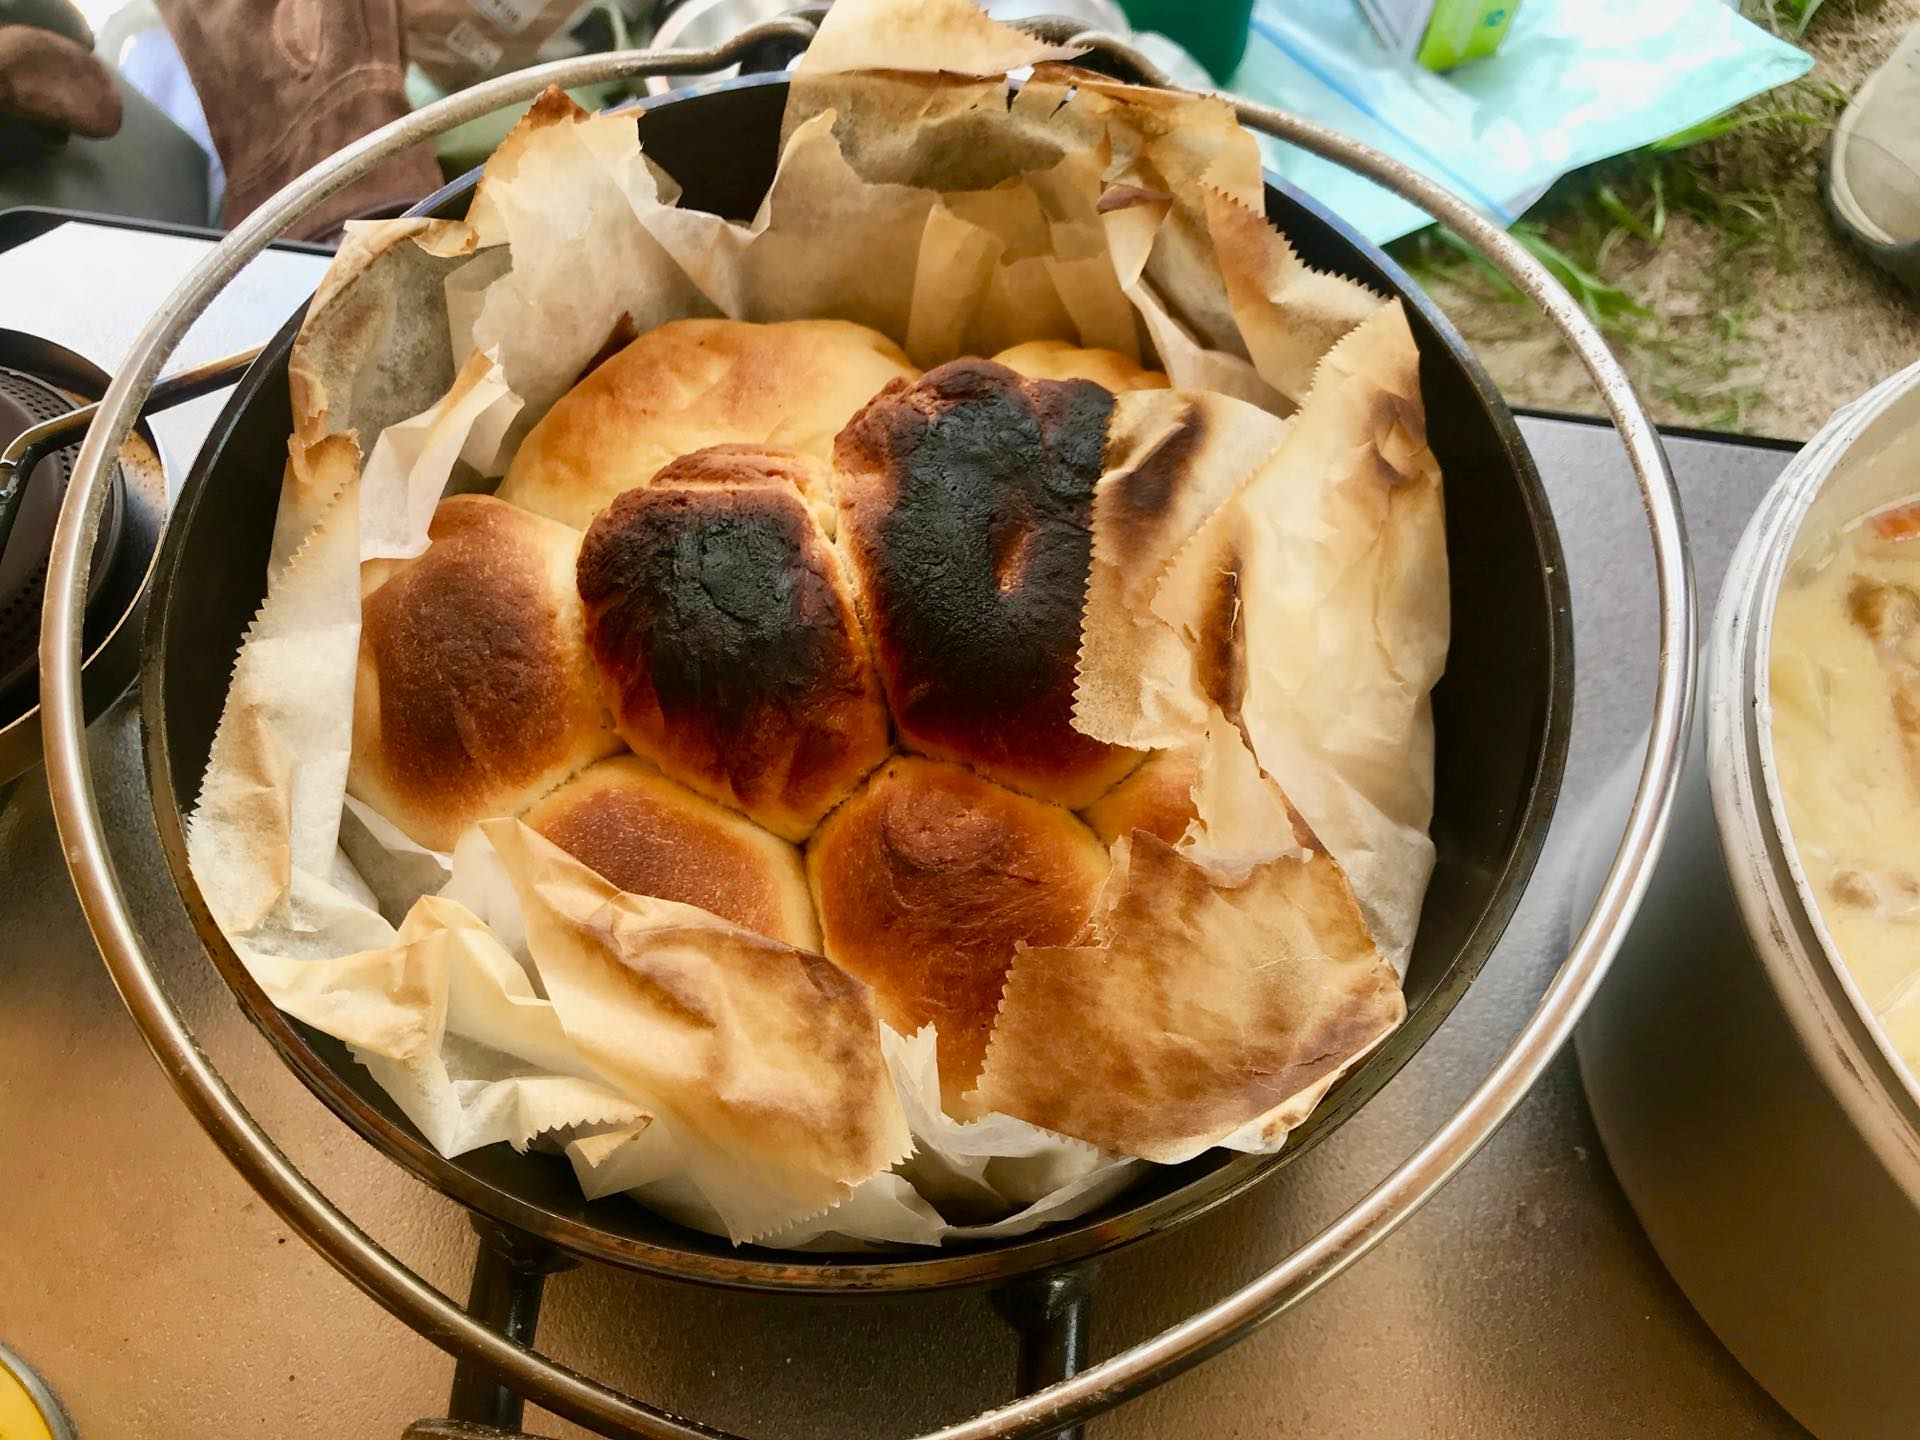 「ユニフレーム ダッチオーブン スーパーディープ 8インチ」でロールパンを焼いてみた